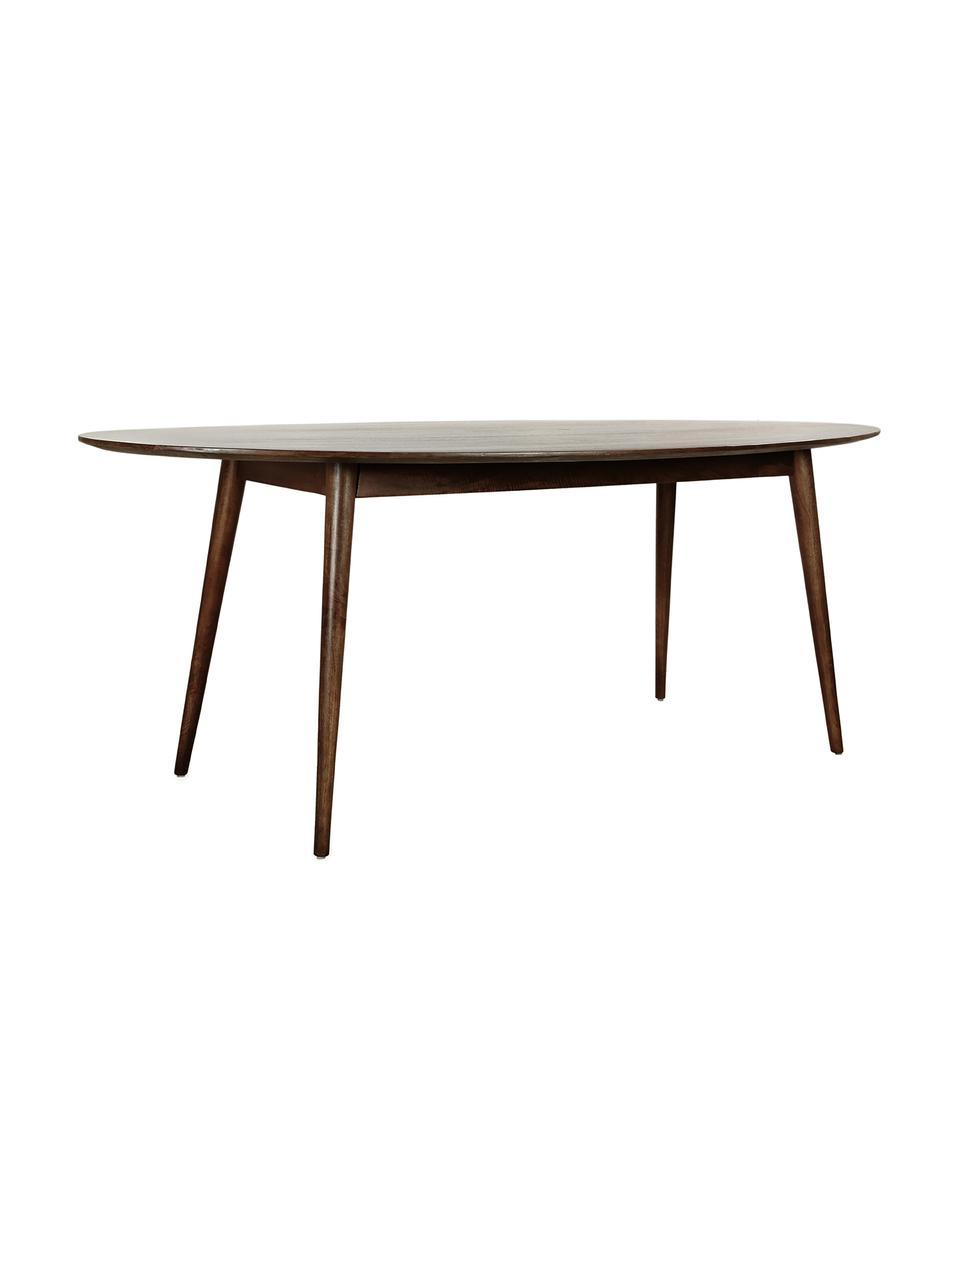 Ovale massief houten eettafel Oscar, Gelakt massief mangohout, Donkerbruin, B 203 x D 97 cm